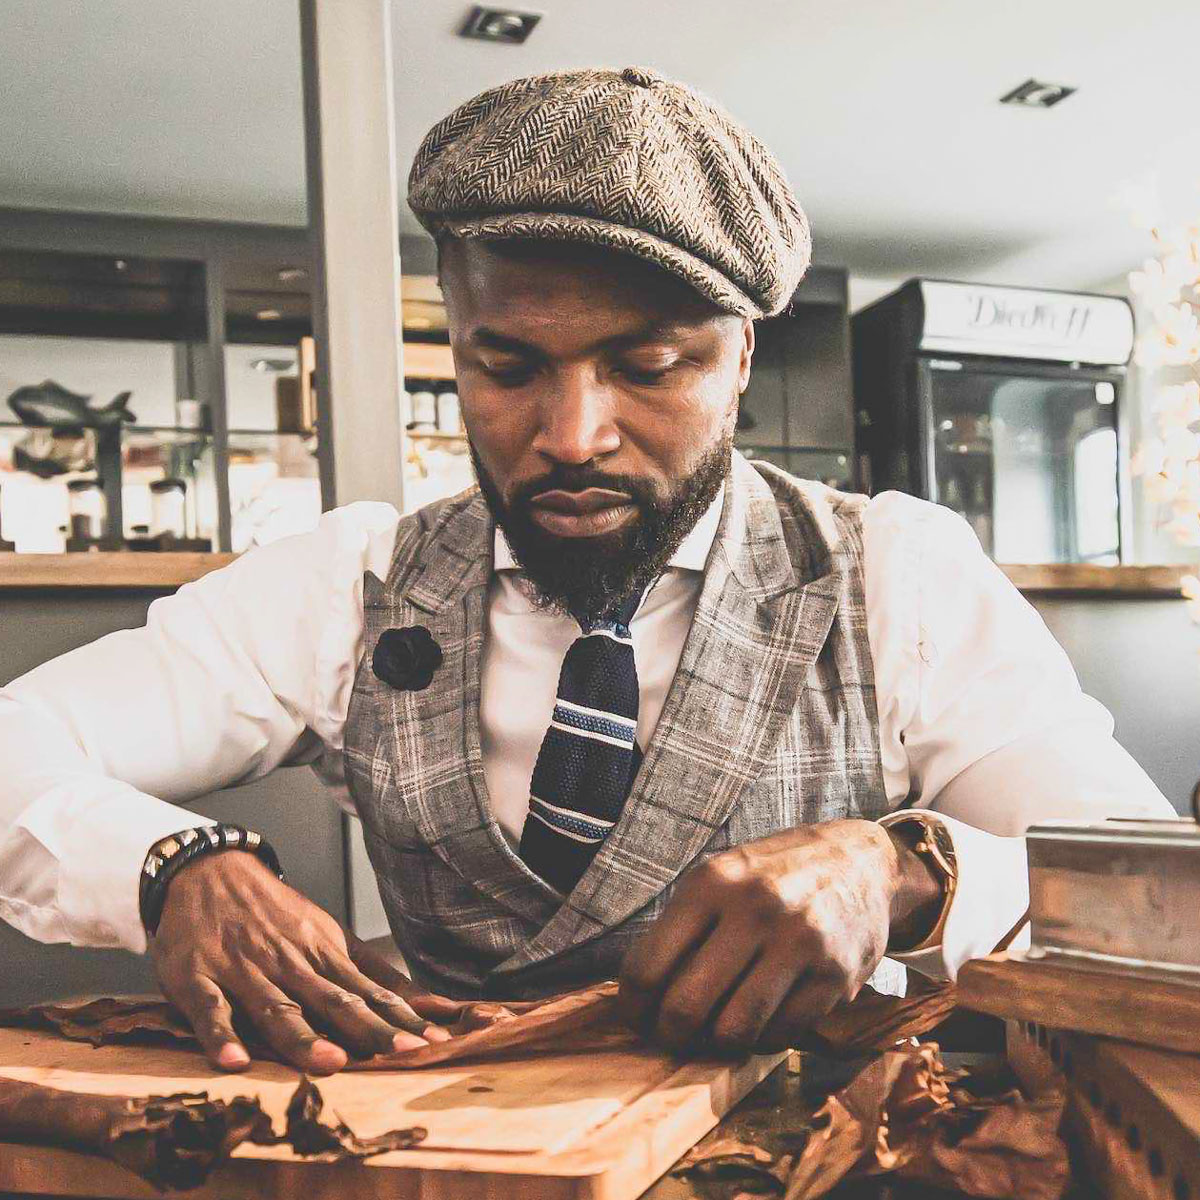 Zigarrenroller |Zigarrendreher |Handgemachte |Zigarren |Zigarrenrollerin |Gala |Business |Event |Buchen |Mieten |Anfragen